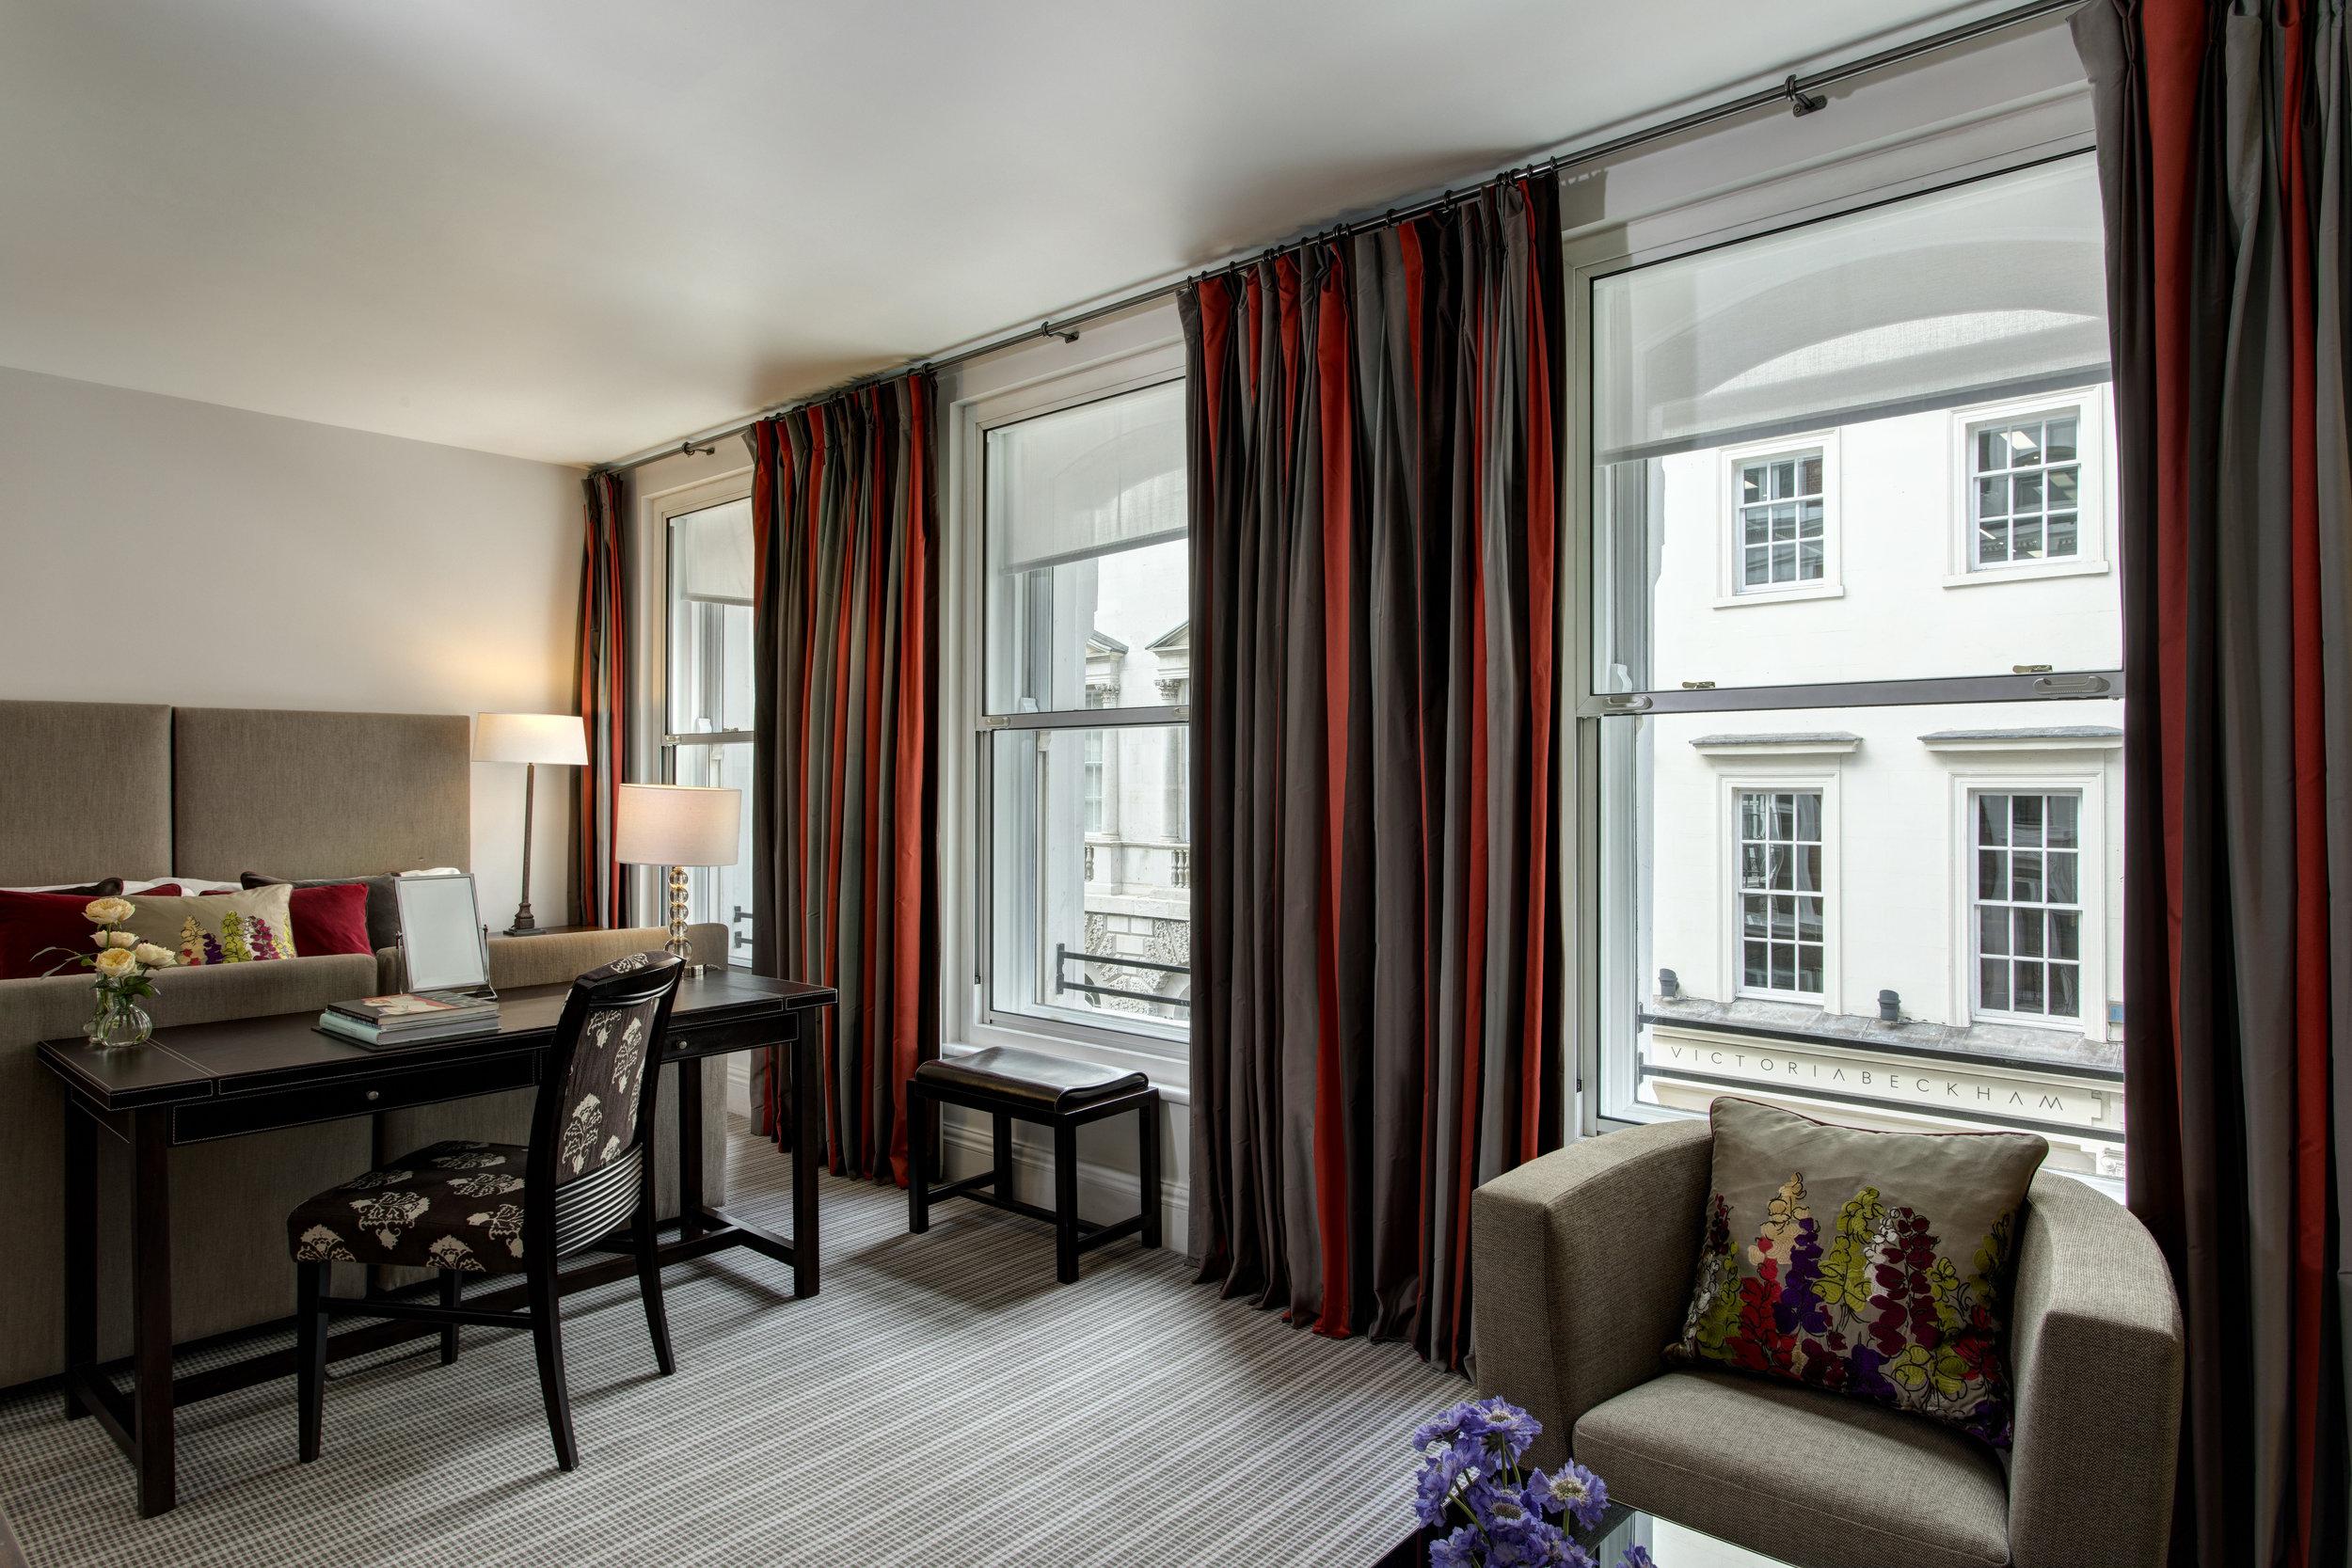 17 RFH Brown's Hotel - Deluxe Room 6277 Jul 17.JPG